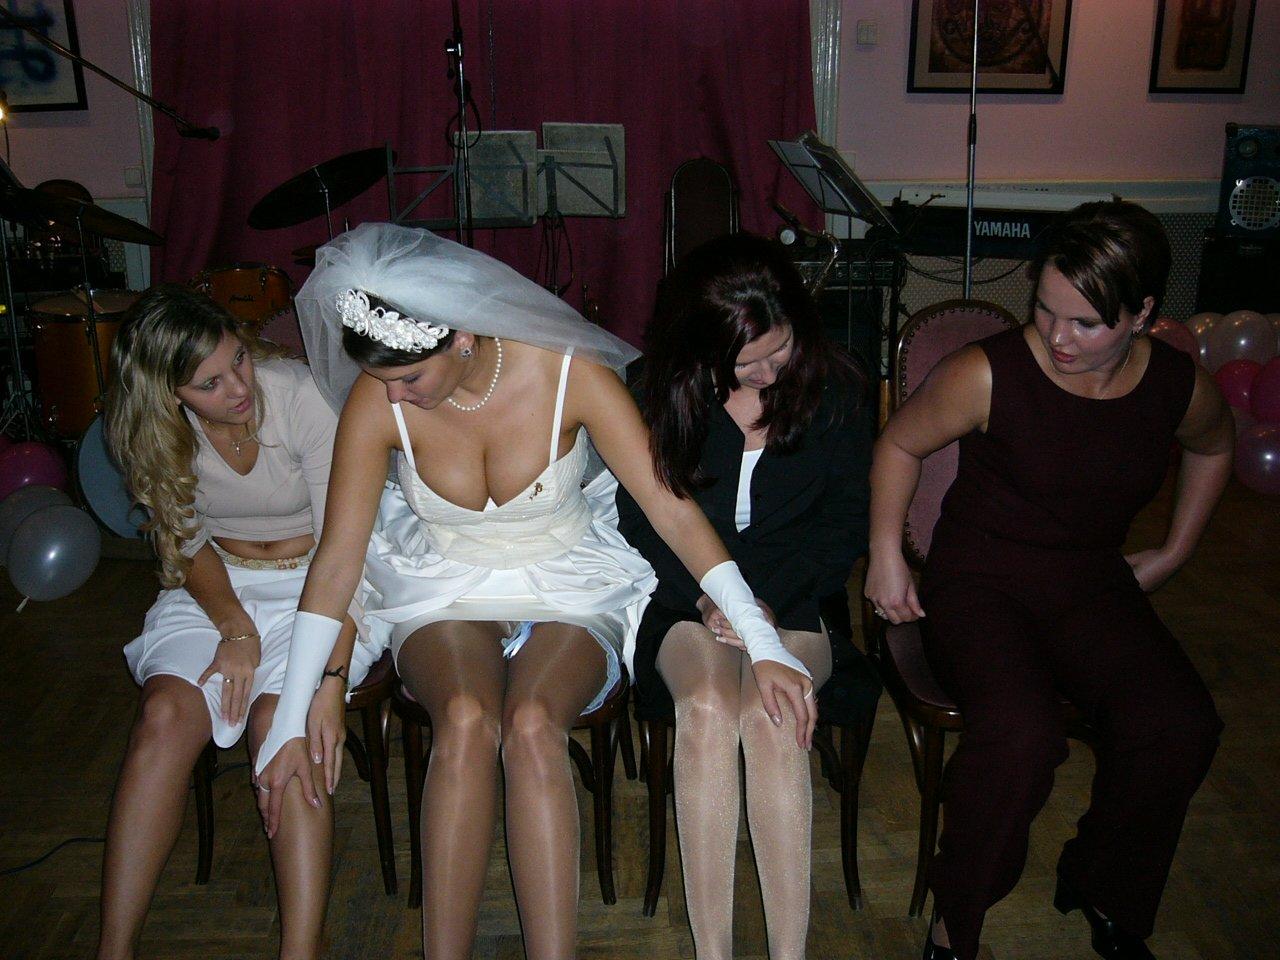 Танцорам надевают белые трусы 1 фотография